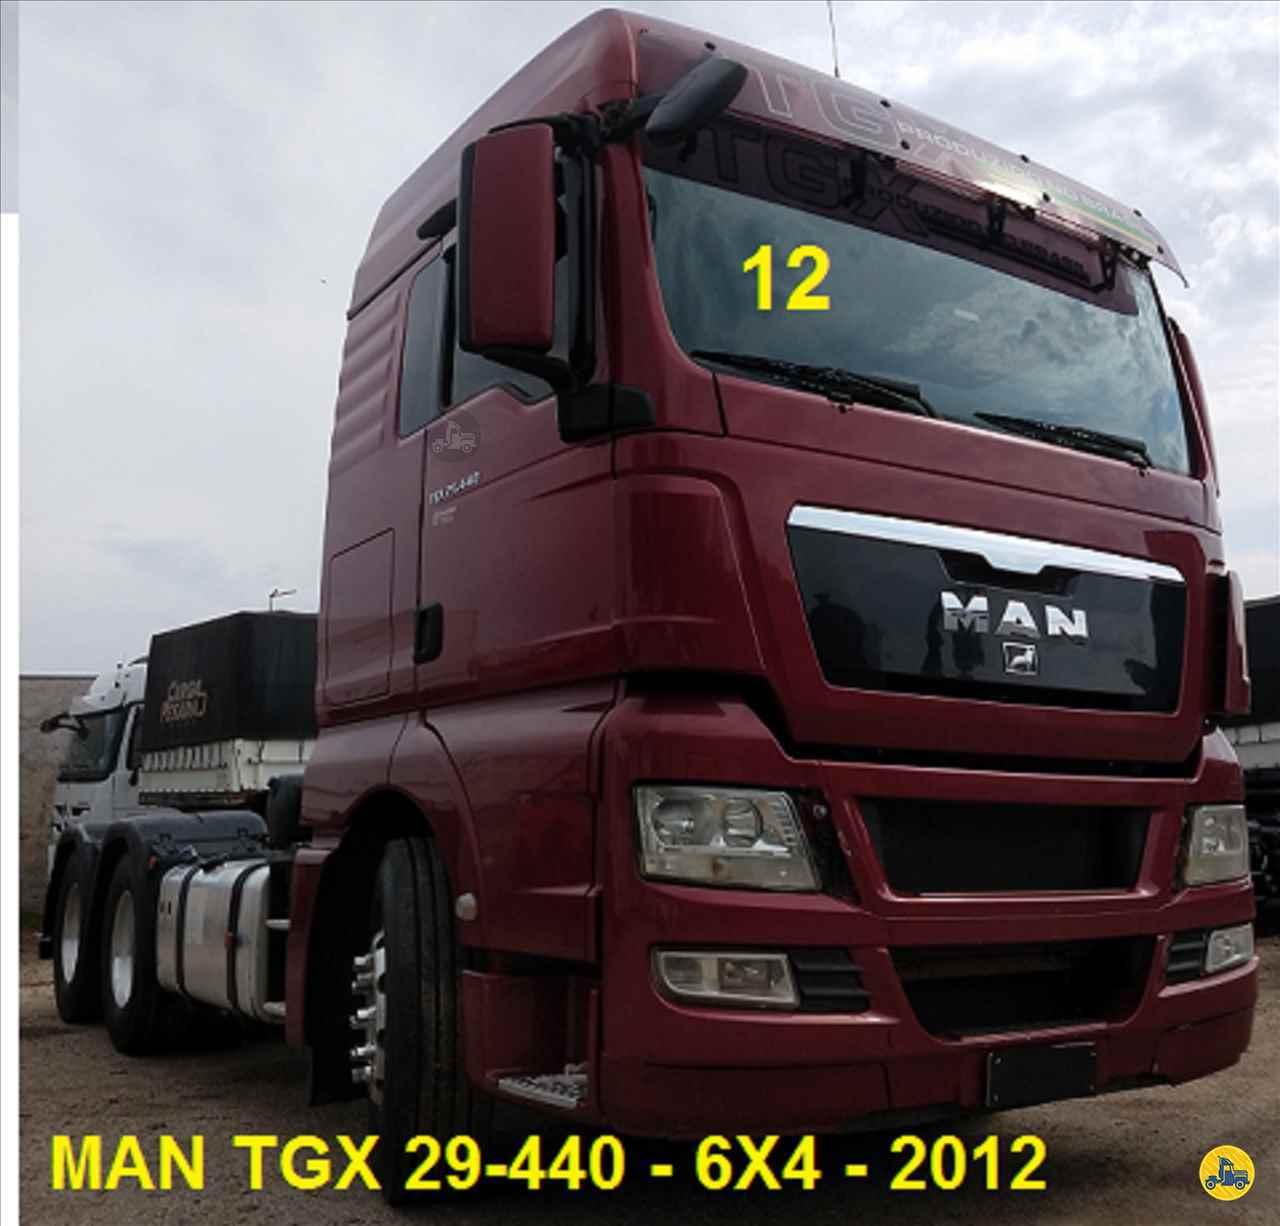 CAMINHAO MAN TGX 29 440 Cavalo Mecânico Traçado 6x4 LAF Caminhões CURITIBA PARANÁ PR